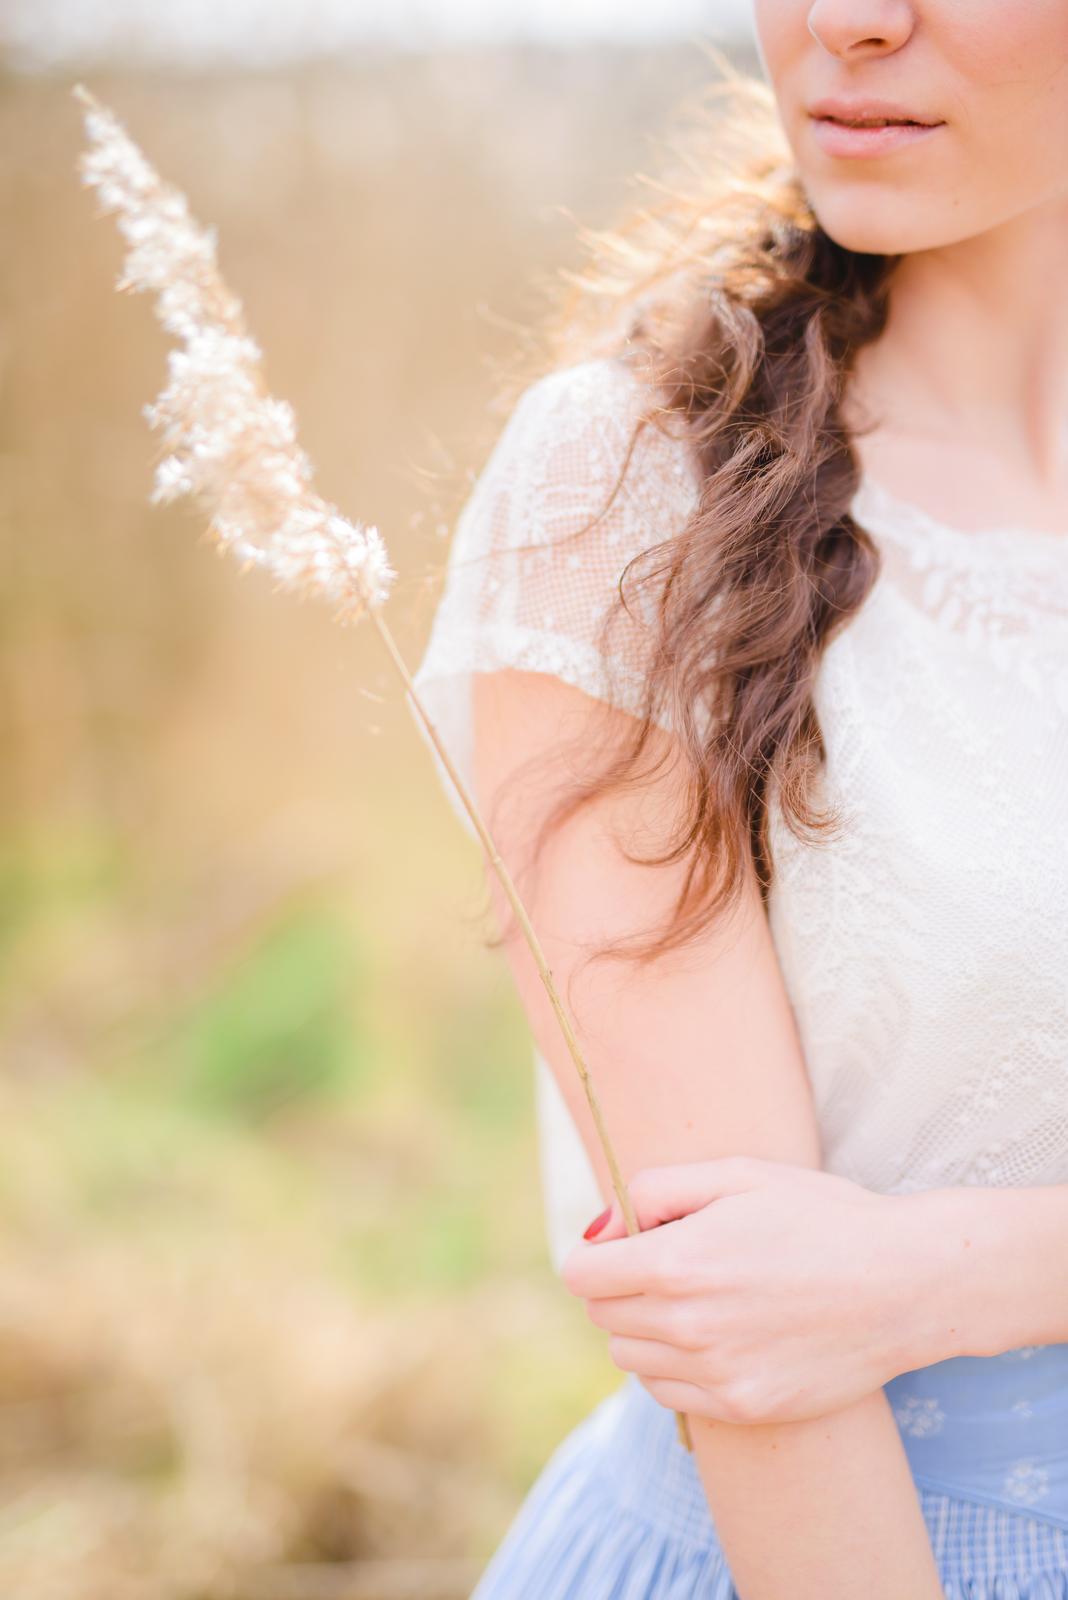 Jarné rande foto - moja srdcová záležitosť a hobby :) - Obrázok č. 8